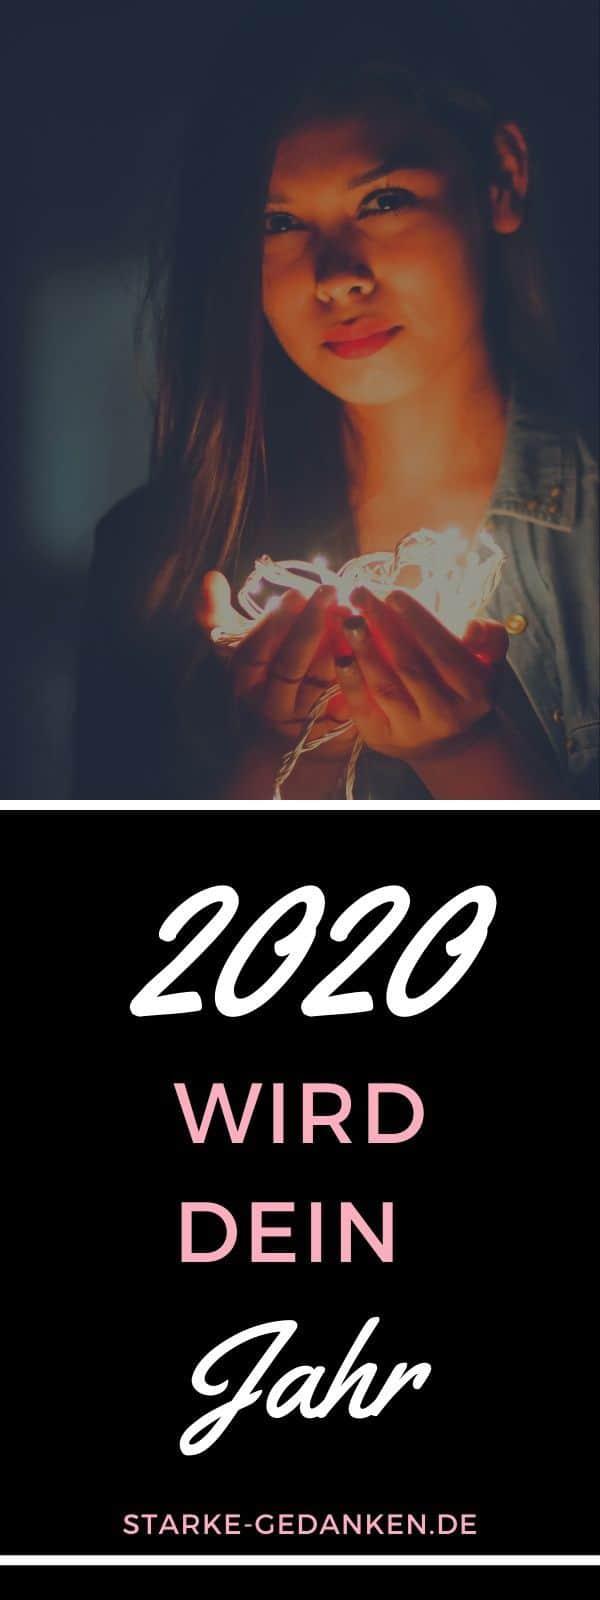 2020 wird dein Jahr